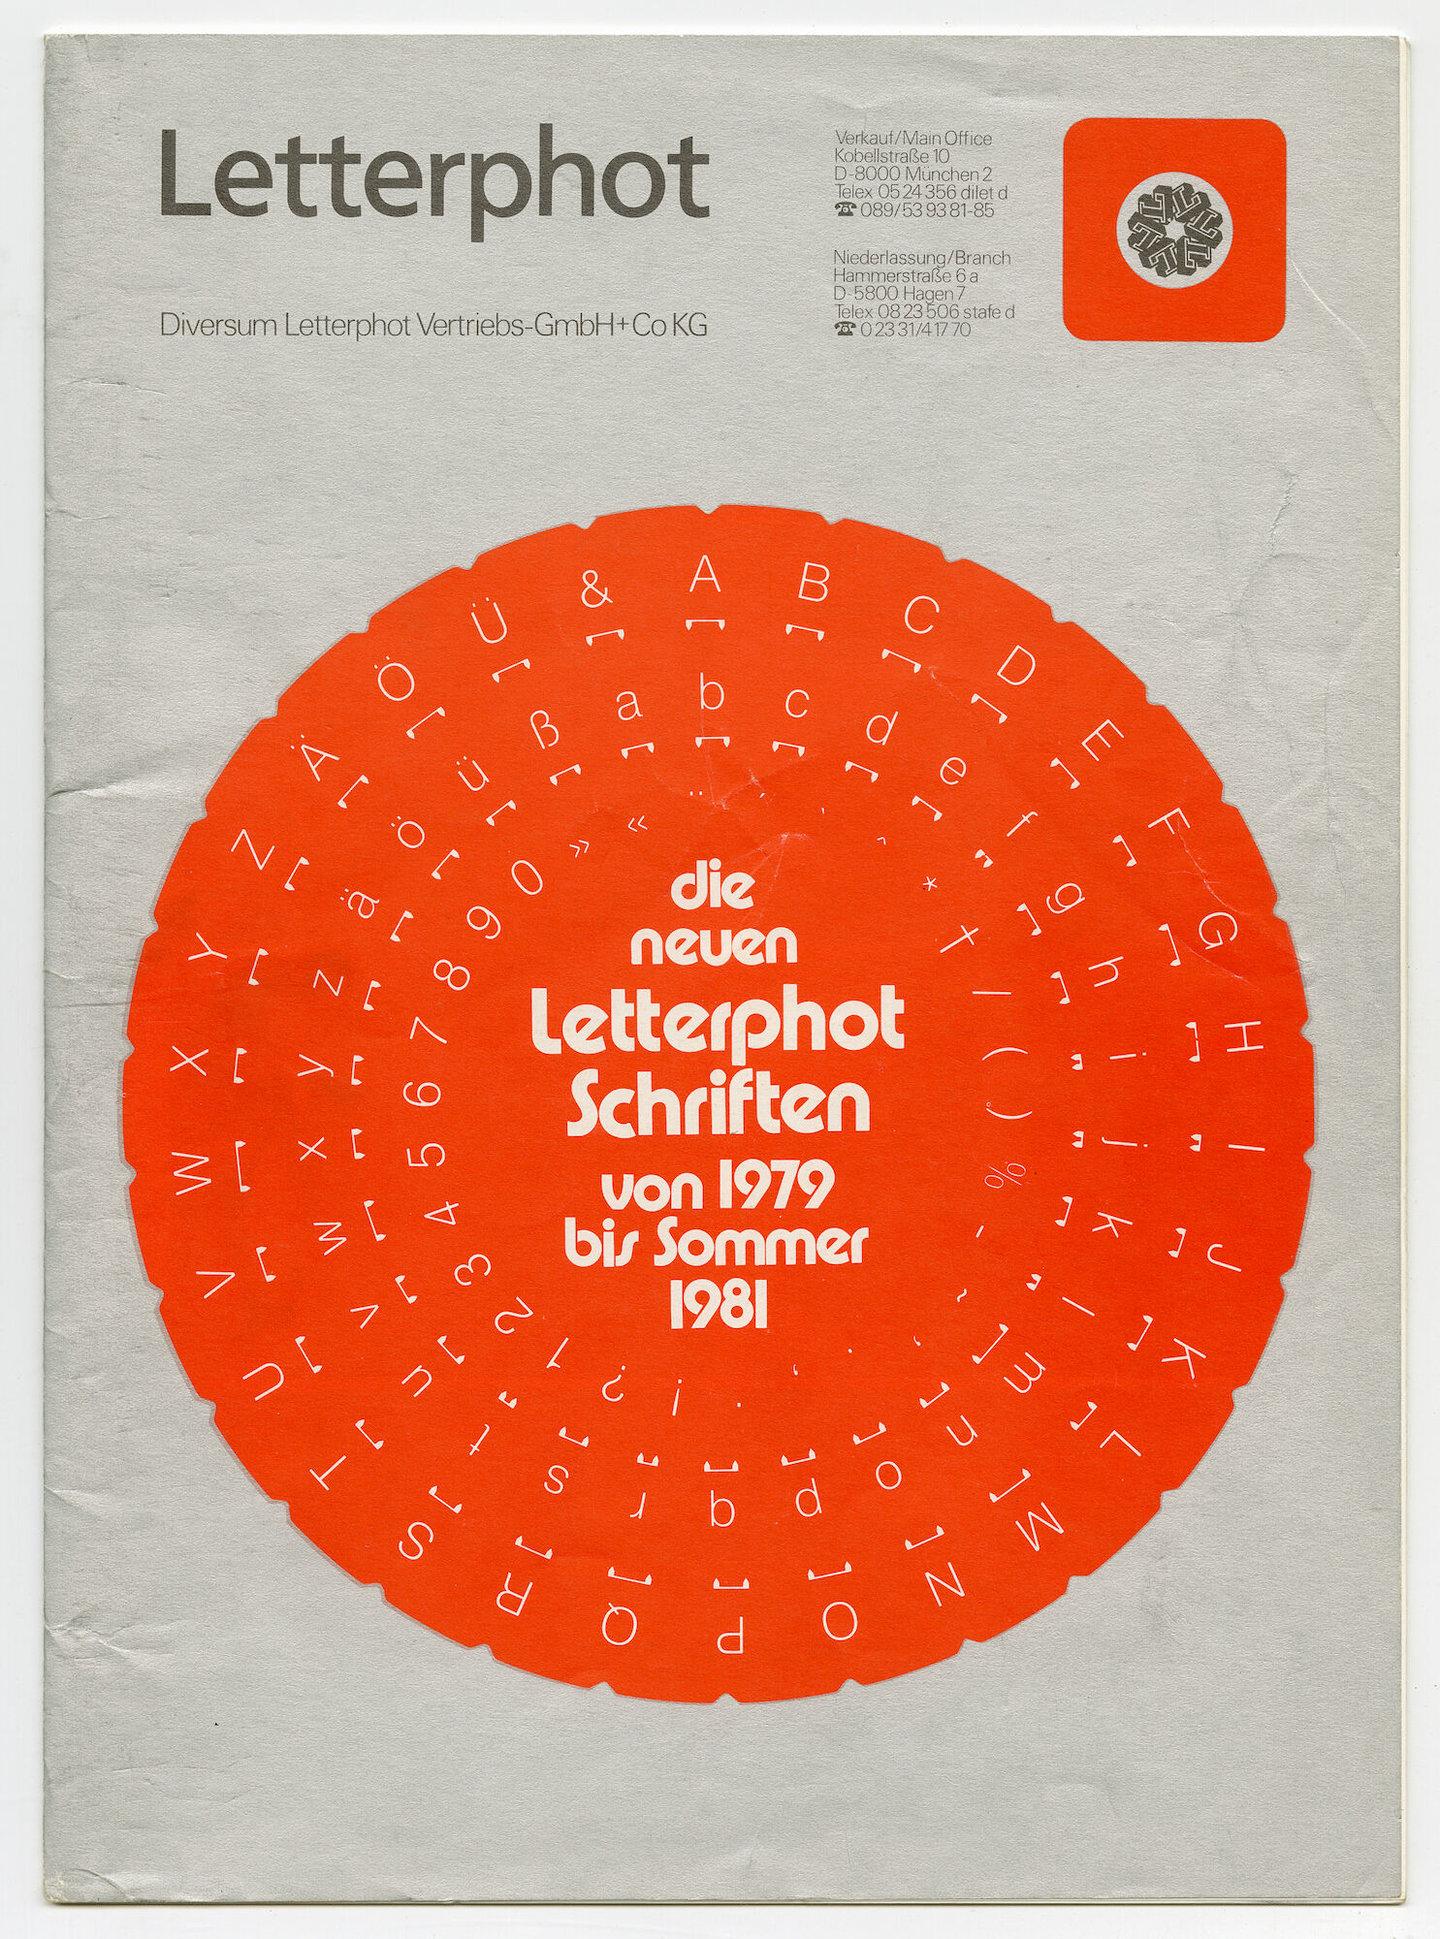 Letterproef met verschillende lettertypes van Letterphot